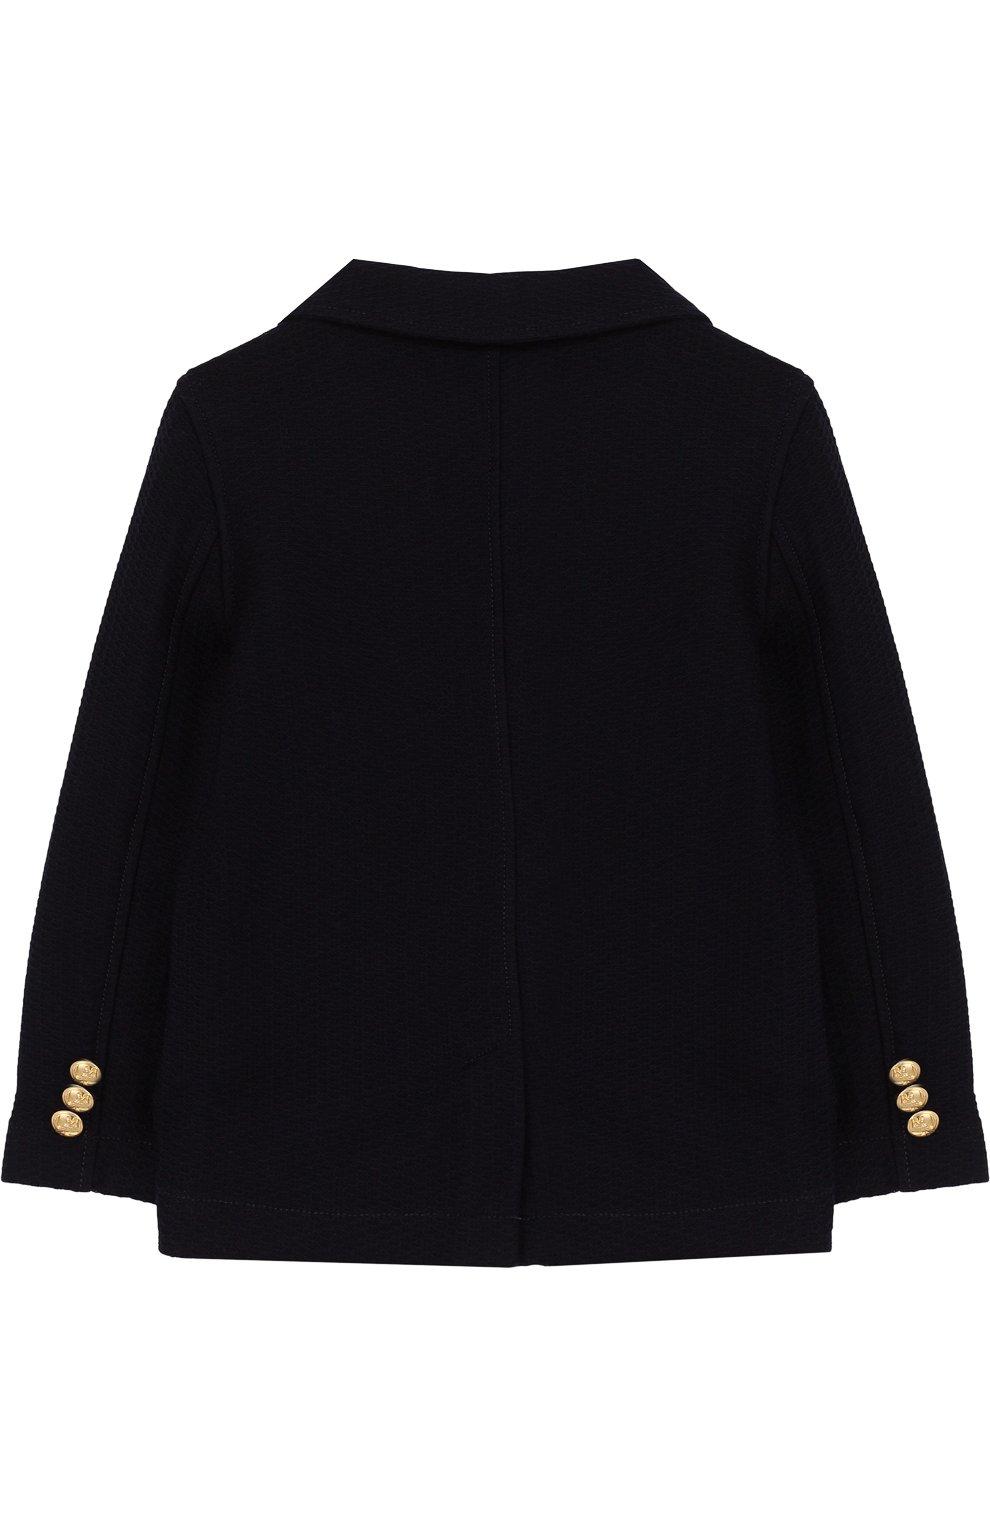 Однобортный пиджак из хлопка с декоративными пуговицами | Фото №2